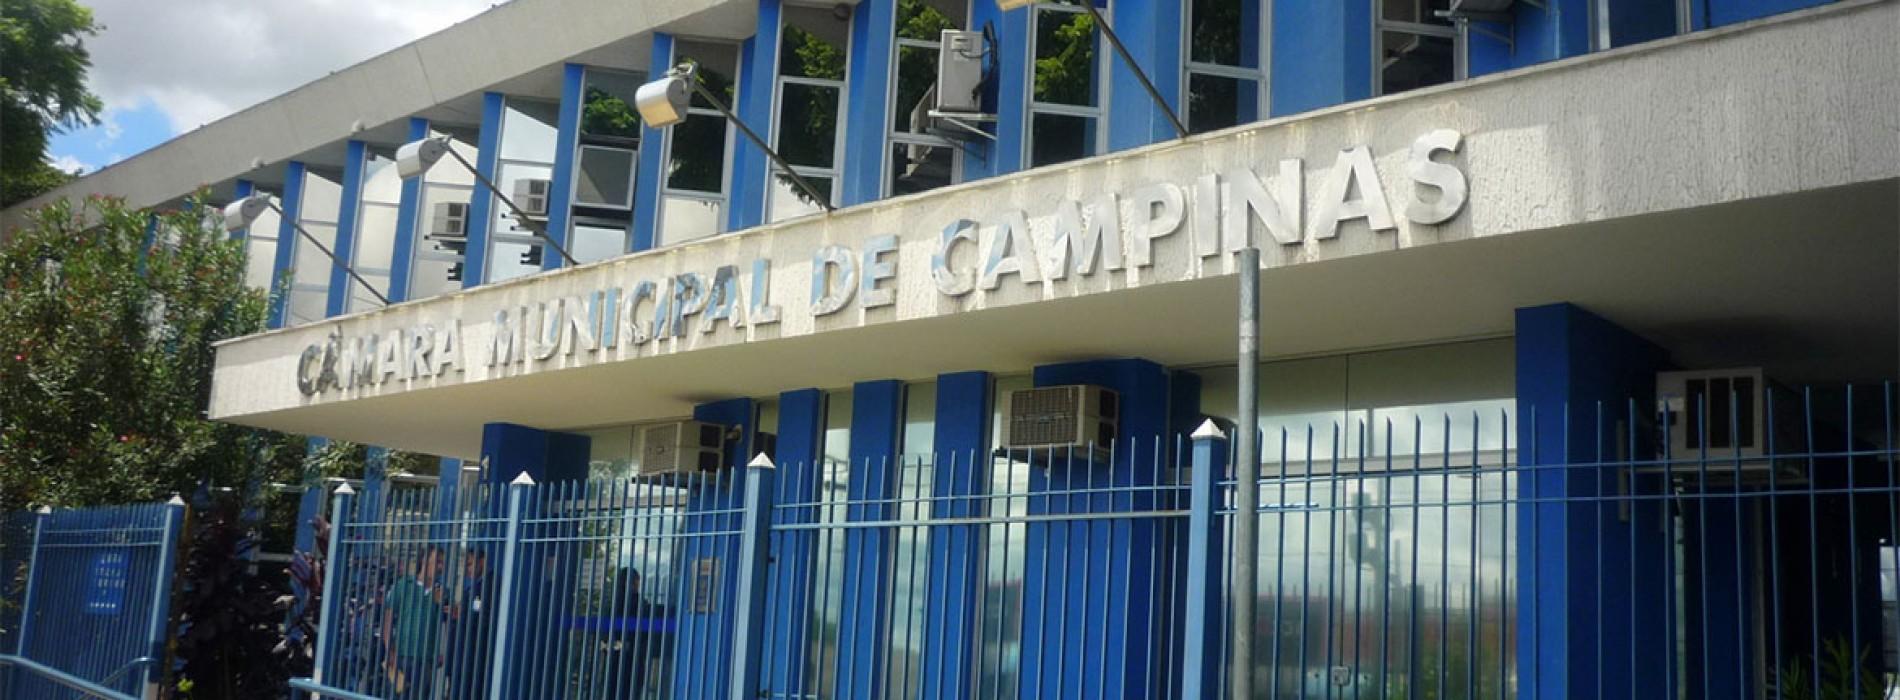 Câmara concederá título de cidadão campineiro a professores